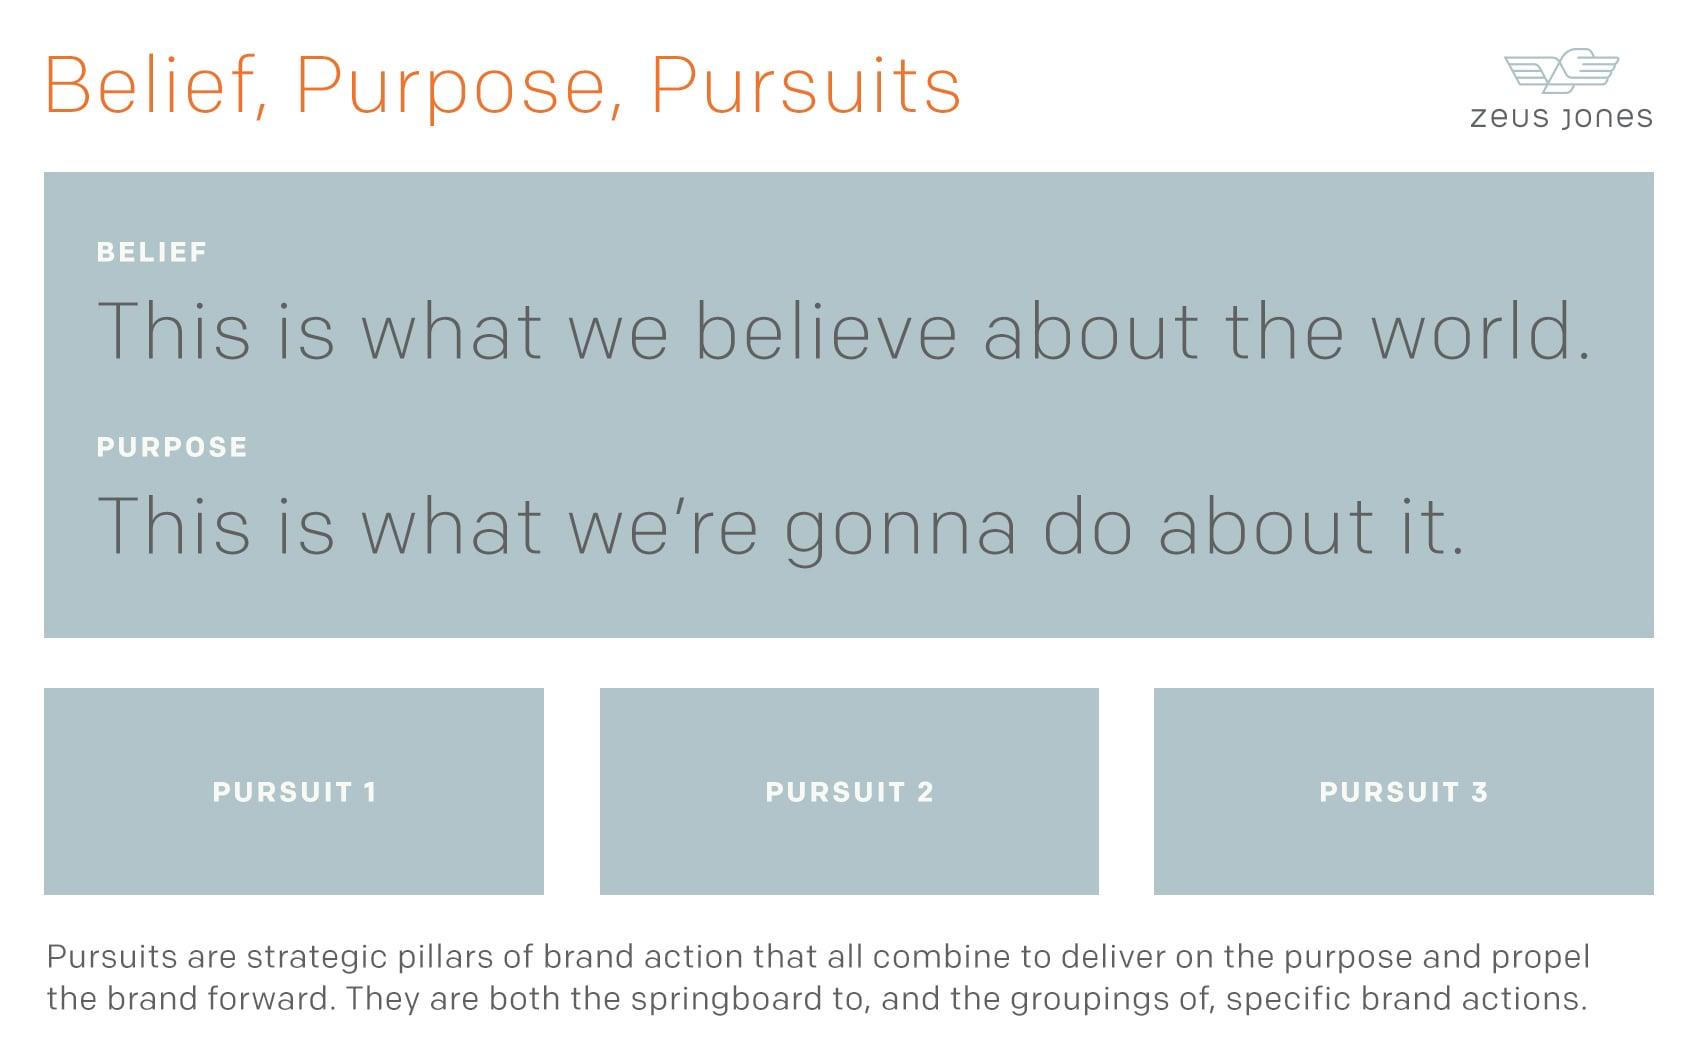 Belief, Purpose, Pursuits framework by Zeus Jones